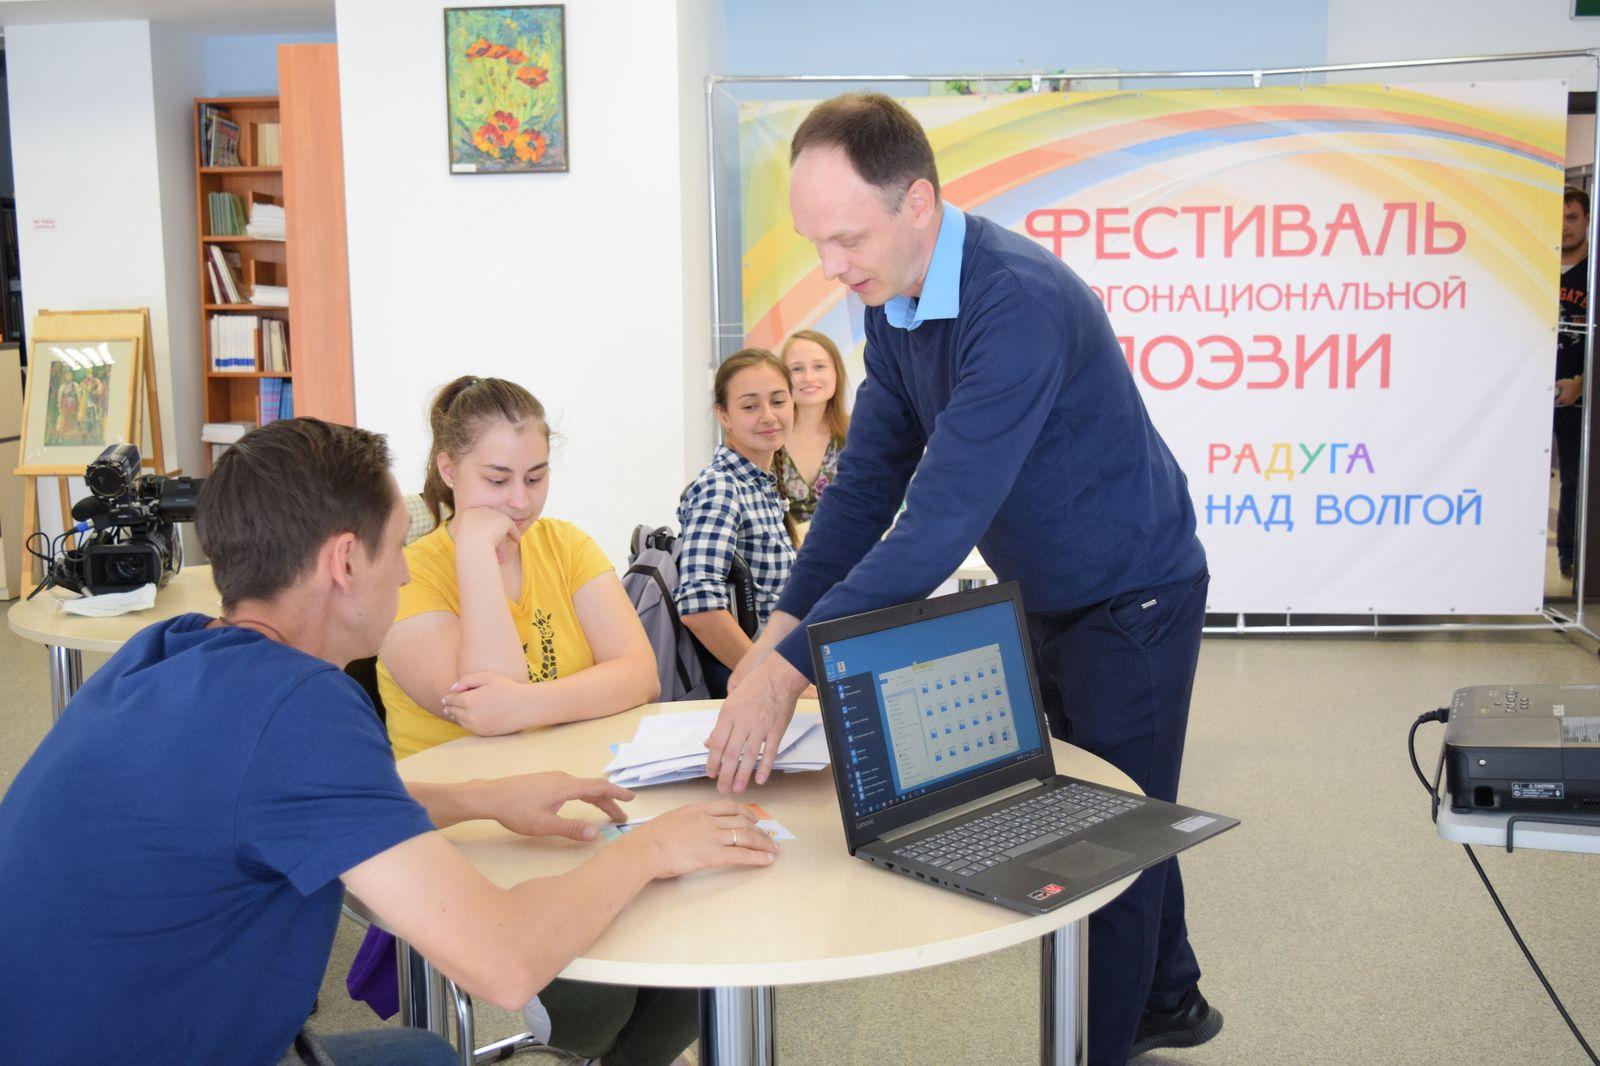 Master class by Dmitry Vorobyov